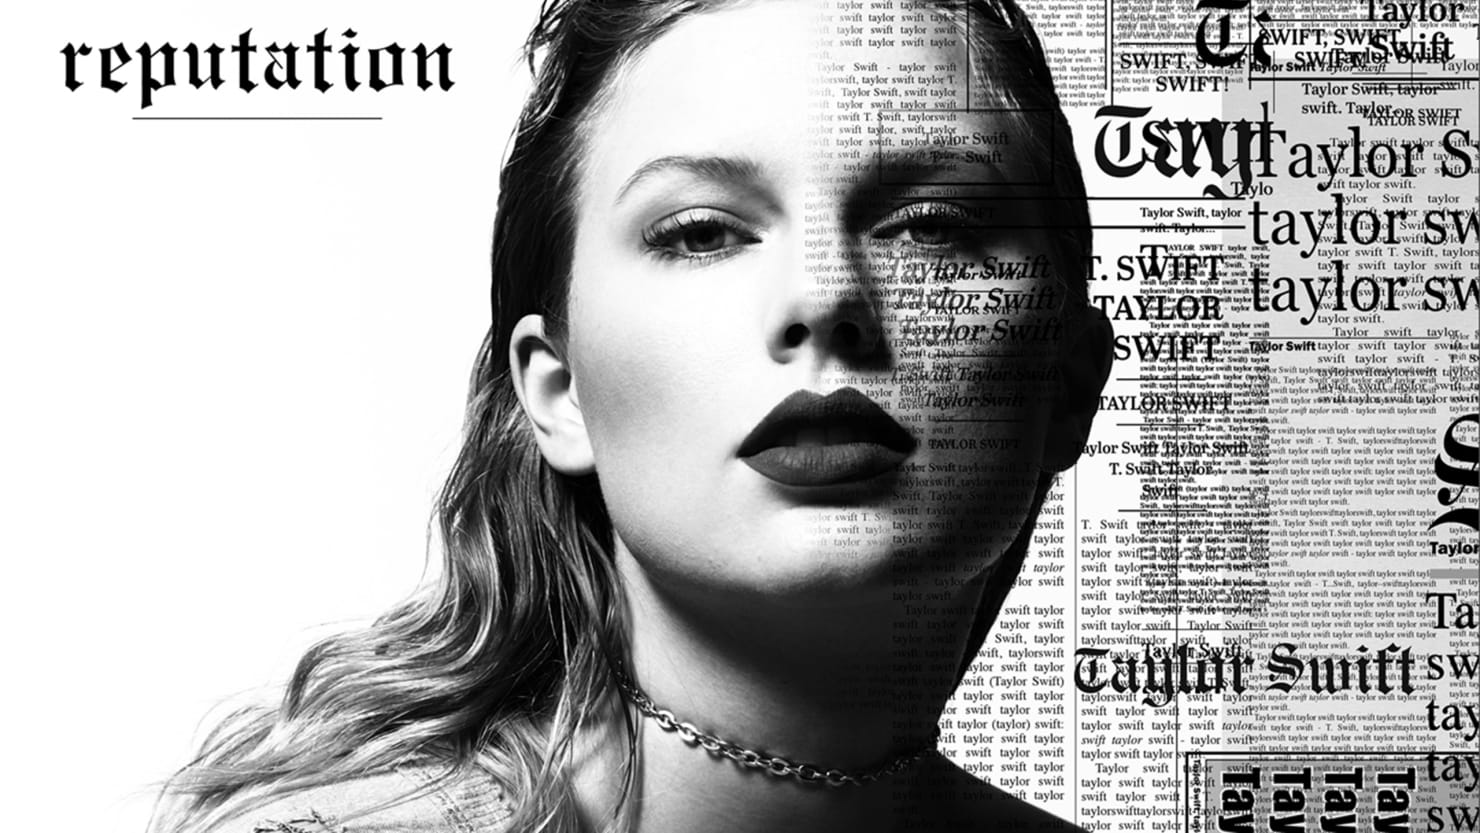 'Reputation' podría debutar con 1.4 millones de copias